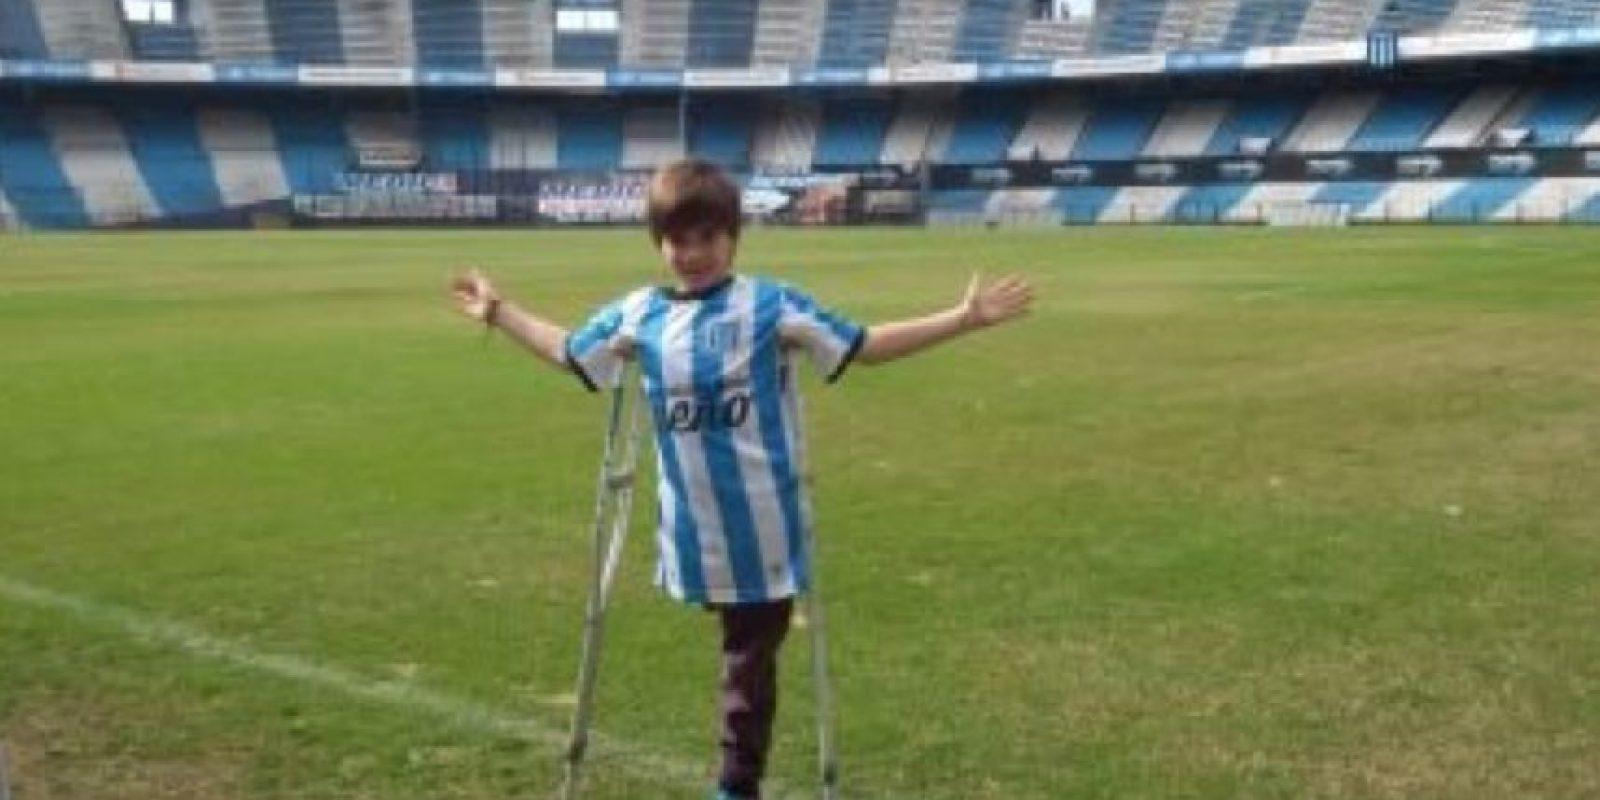 Santi tiene 10 años y es hincha de Racing Foto:Vía twitter.com/BonomoSabri